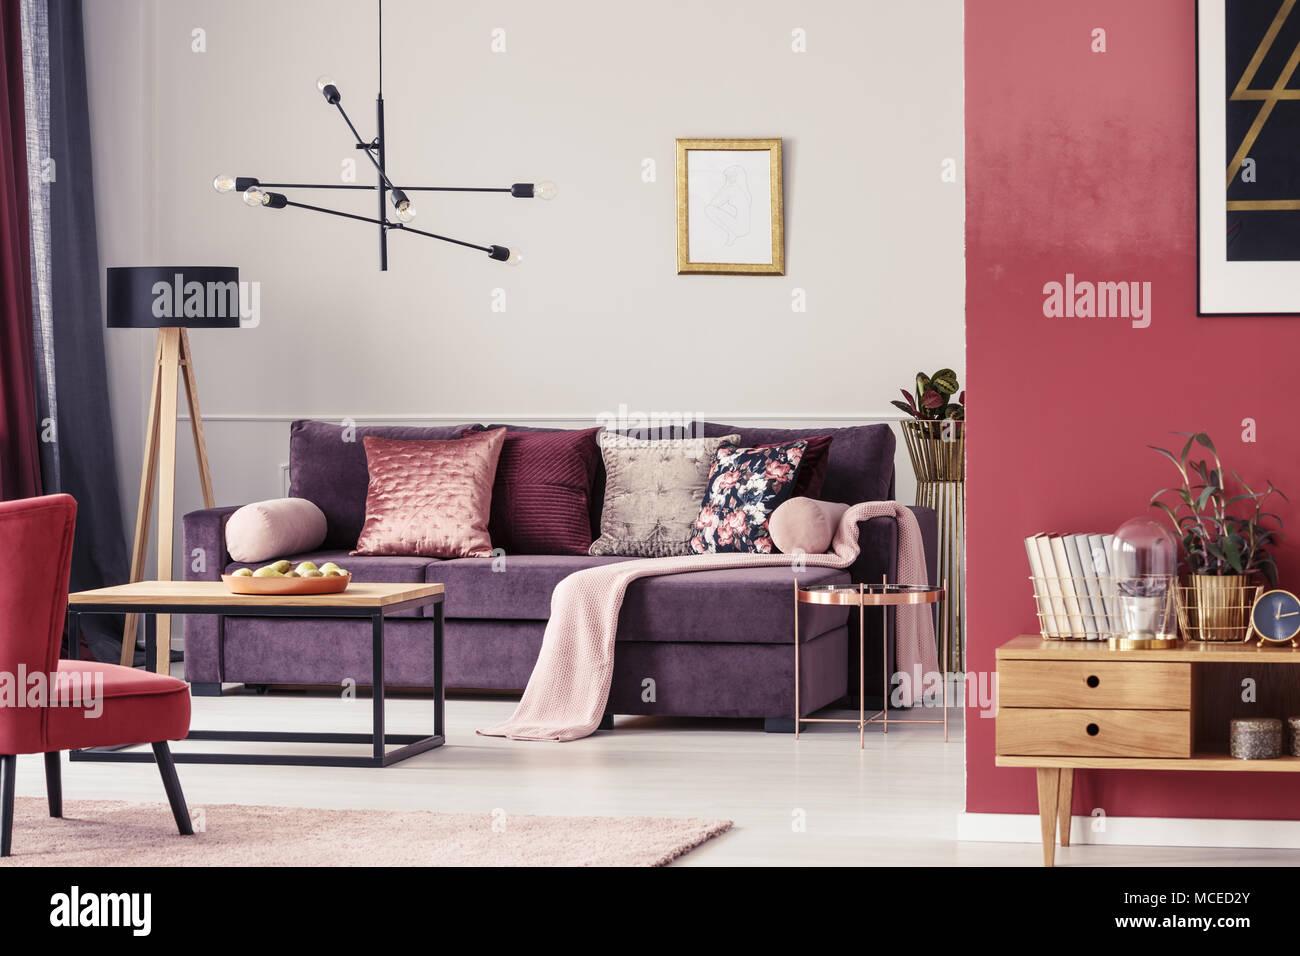 Salon Marron Interieur Avec Canape Ultra Violet A Motifs